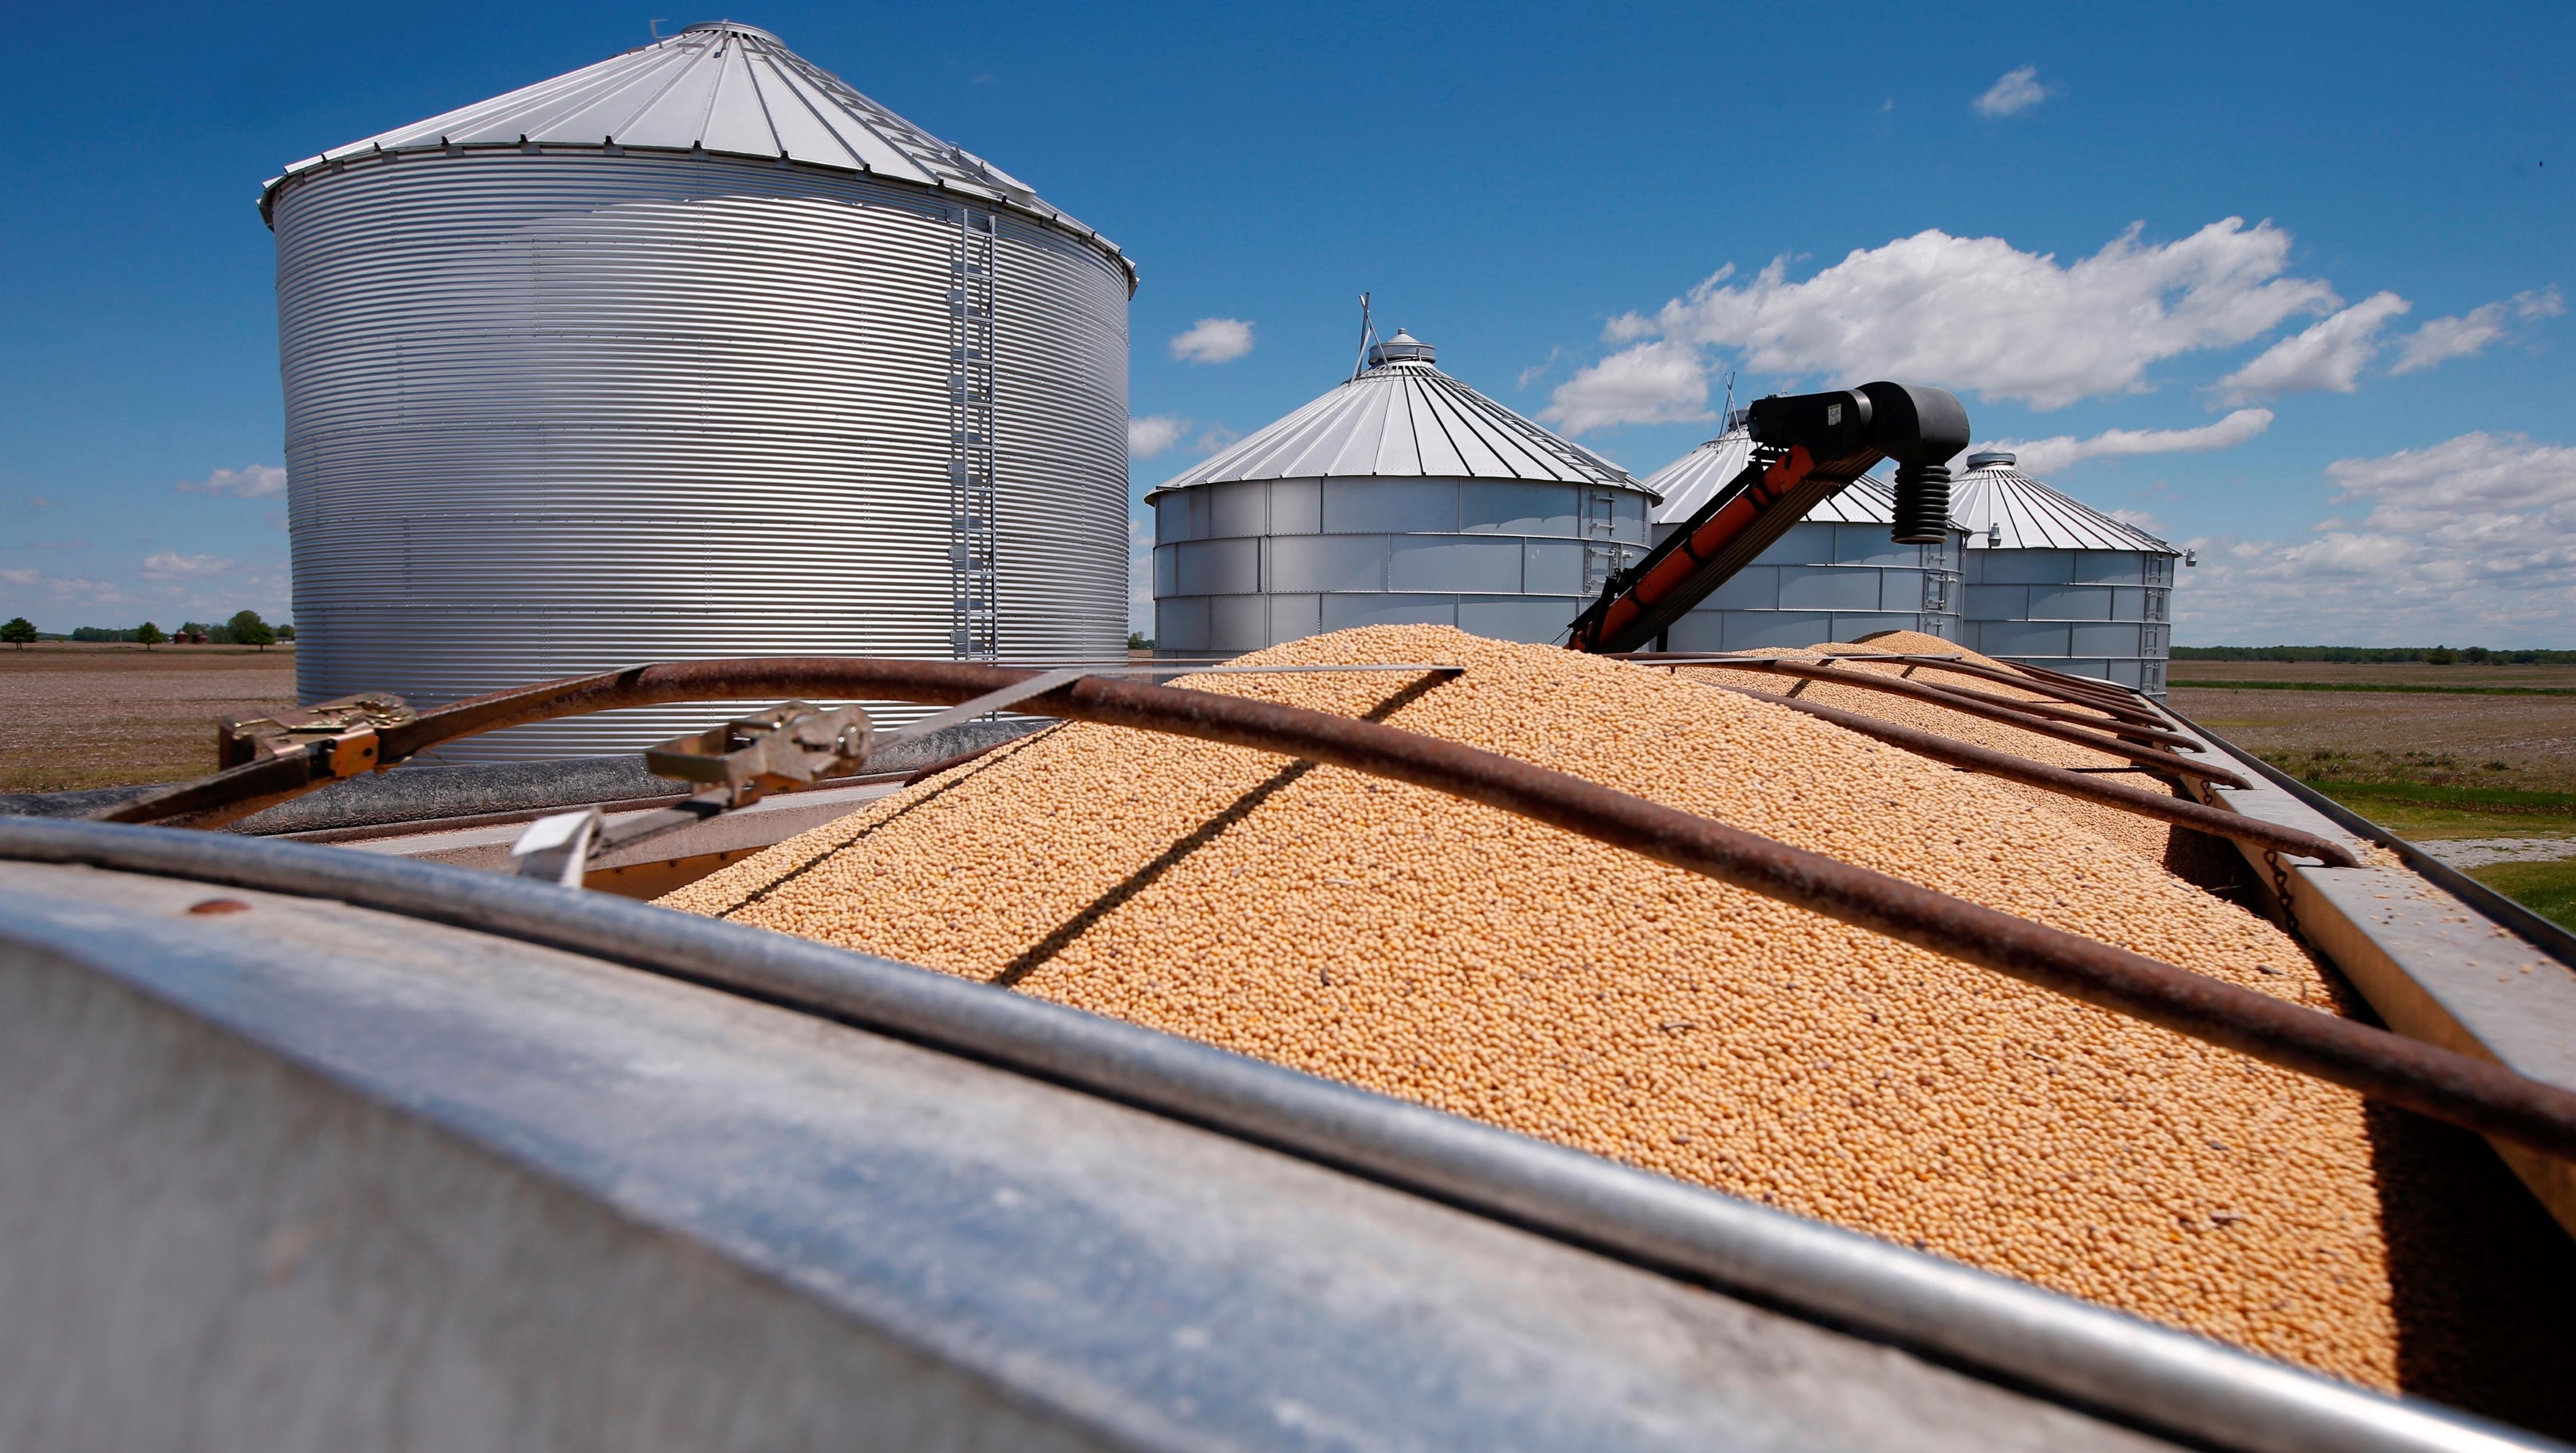 En lo que va del año Santa Fe procesó 21,5 millones de toneladas de soja.